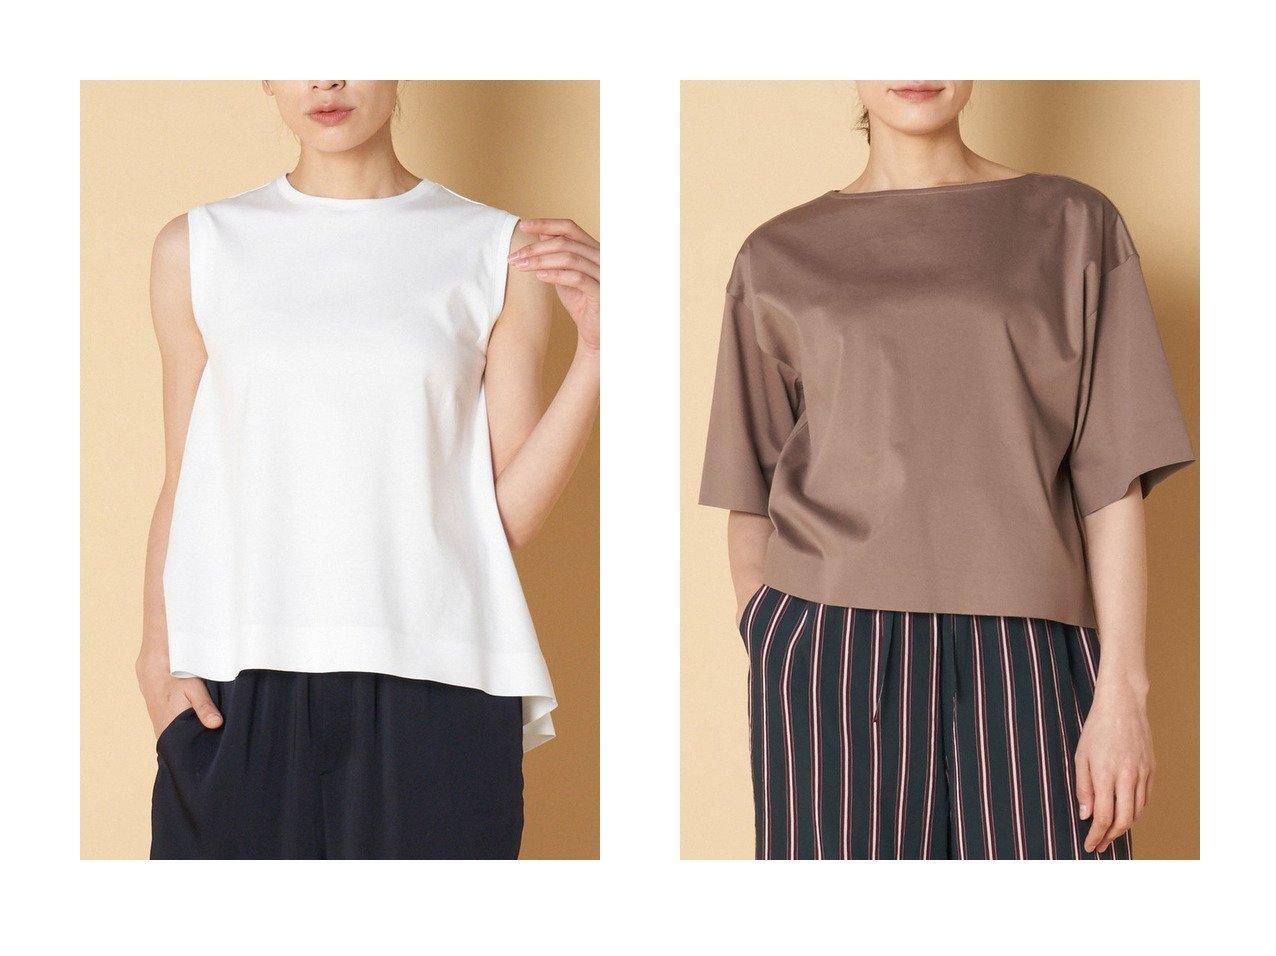 【heliopole/エリオポール】のスムースビッグTシャツ&スムースクルーネックノースリーブプルオーバー heliopoleのおすすめ!人気、トレンド・レディースファッションの通販 おすすめで人気の流行・トレンド、ファッションの通販商品 メンズファッション・キッズファッション・インテリア・家具・レディースファッション・服の通販 founy(ファニー) https://founy.com/ ファッション Fashion レディースファッション WOMEN トップス Tops Tshirt キャミソール / ノースリーブ No Sleeves シャツ/ブラウス Shirts Blouses ロング / Tシャツ T-Shirts プルオーバー Pullover カットソー Cut and Sewn キャミソール タンク ノースリーブ フレア ボンディング 人気 定番 Standard  ID:crp329100000016732